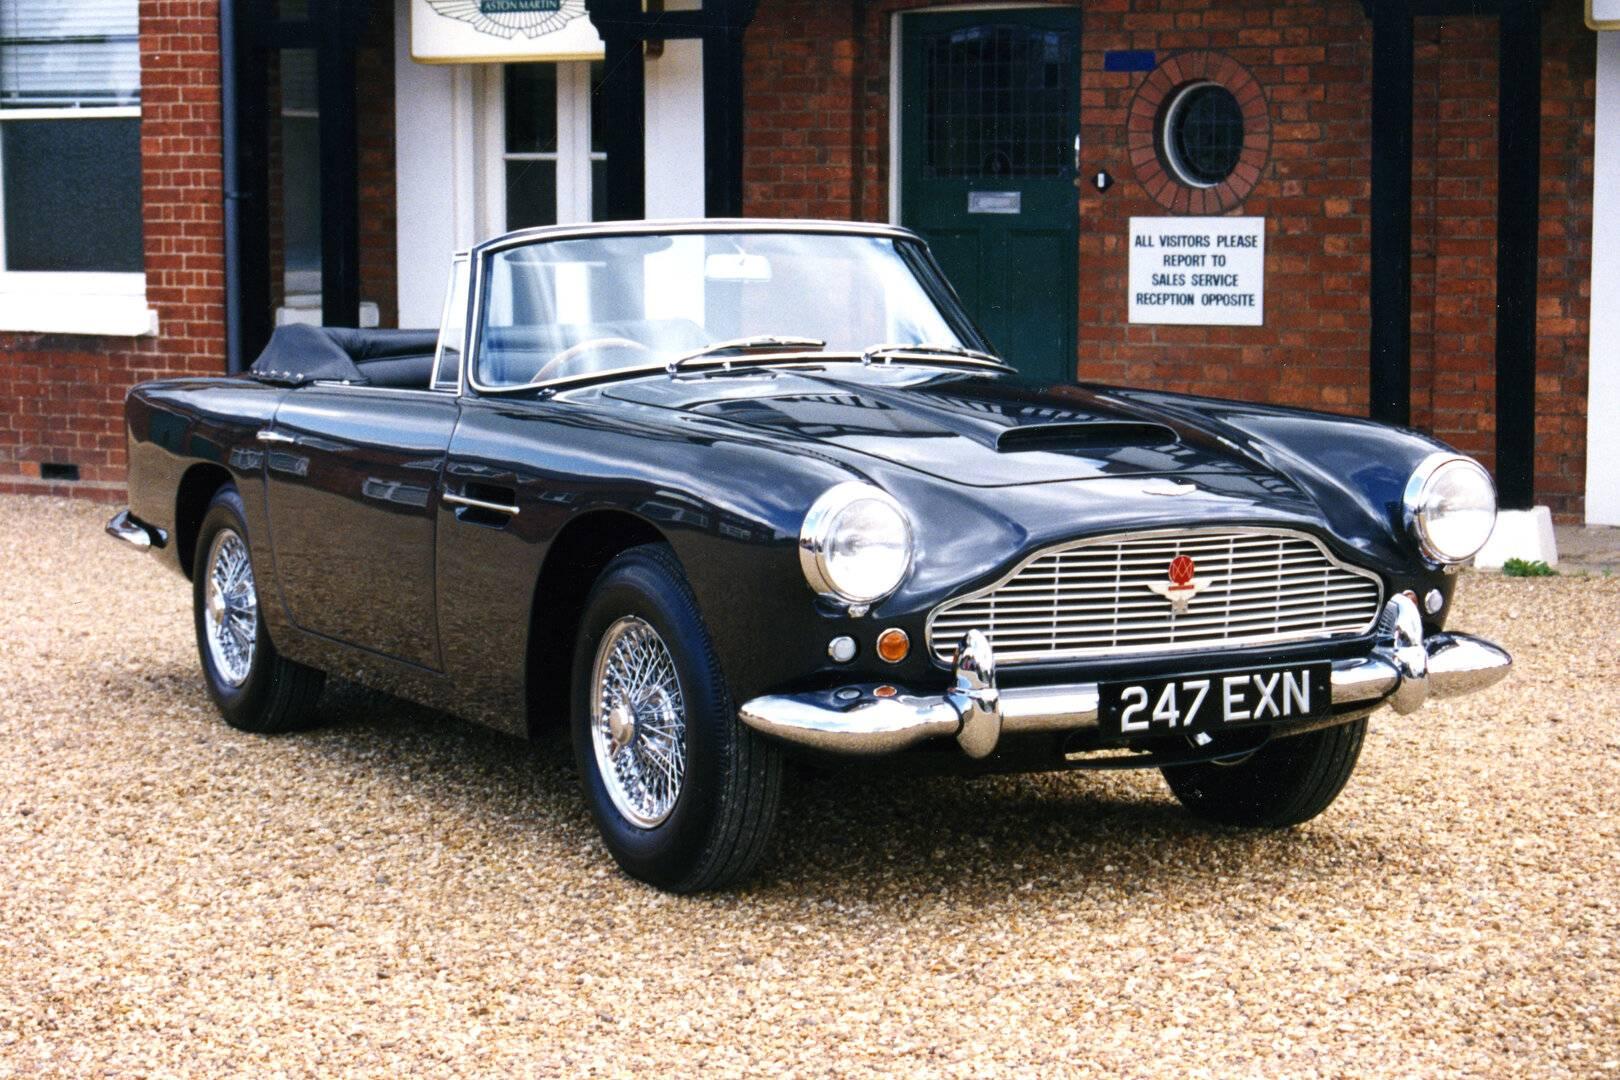 Coche del día: Aston Martin DB4 Convertible